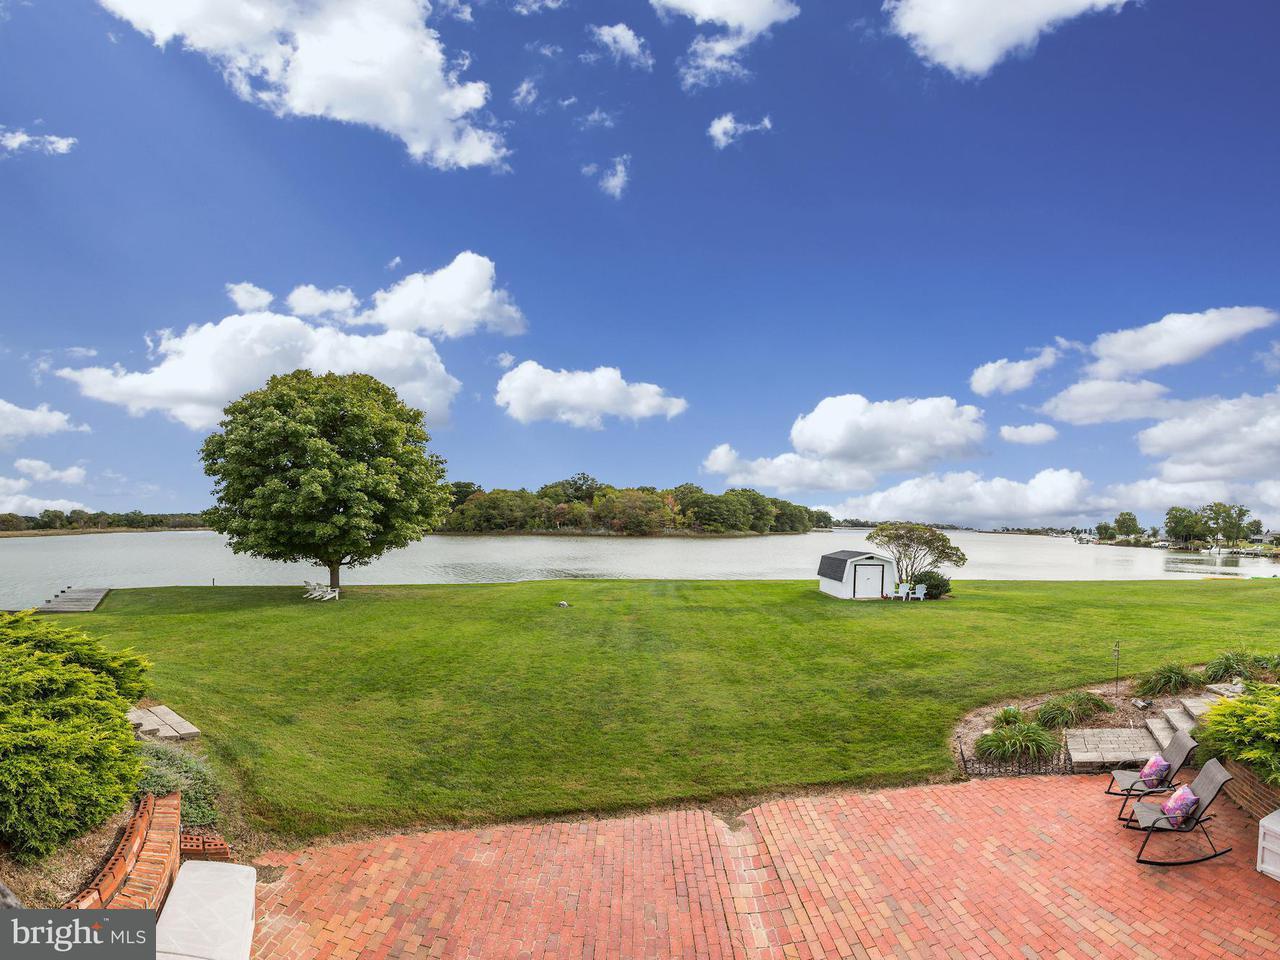 Частный односемейный дом для того Продажа на 125 CONGRESSIONAL Drive 125 CONGRESSIONAL Drive Stevensville, Мэриленд 21666 Соединенные Штаты